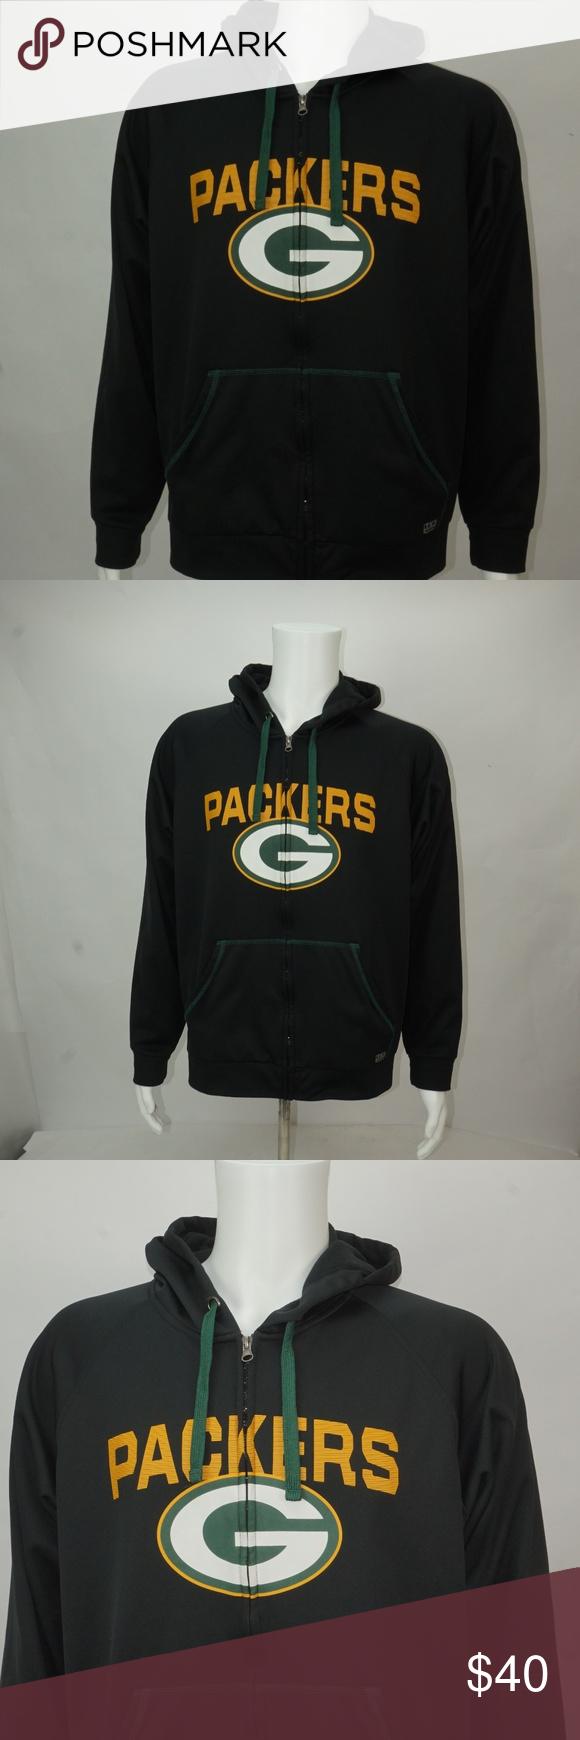 Mens Nfl Team Apparel Green Bay Packers Hoodie Team Apparel Nfl Team Apparel Green Bay Packers Hoodie [ 1740 x 580 Pixel ]